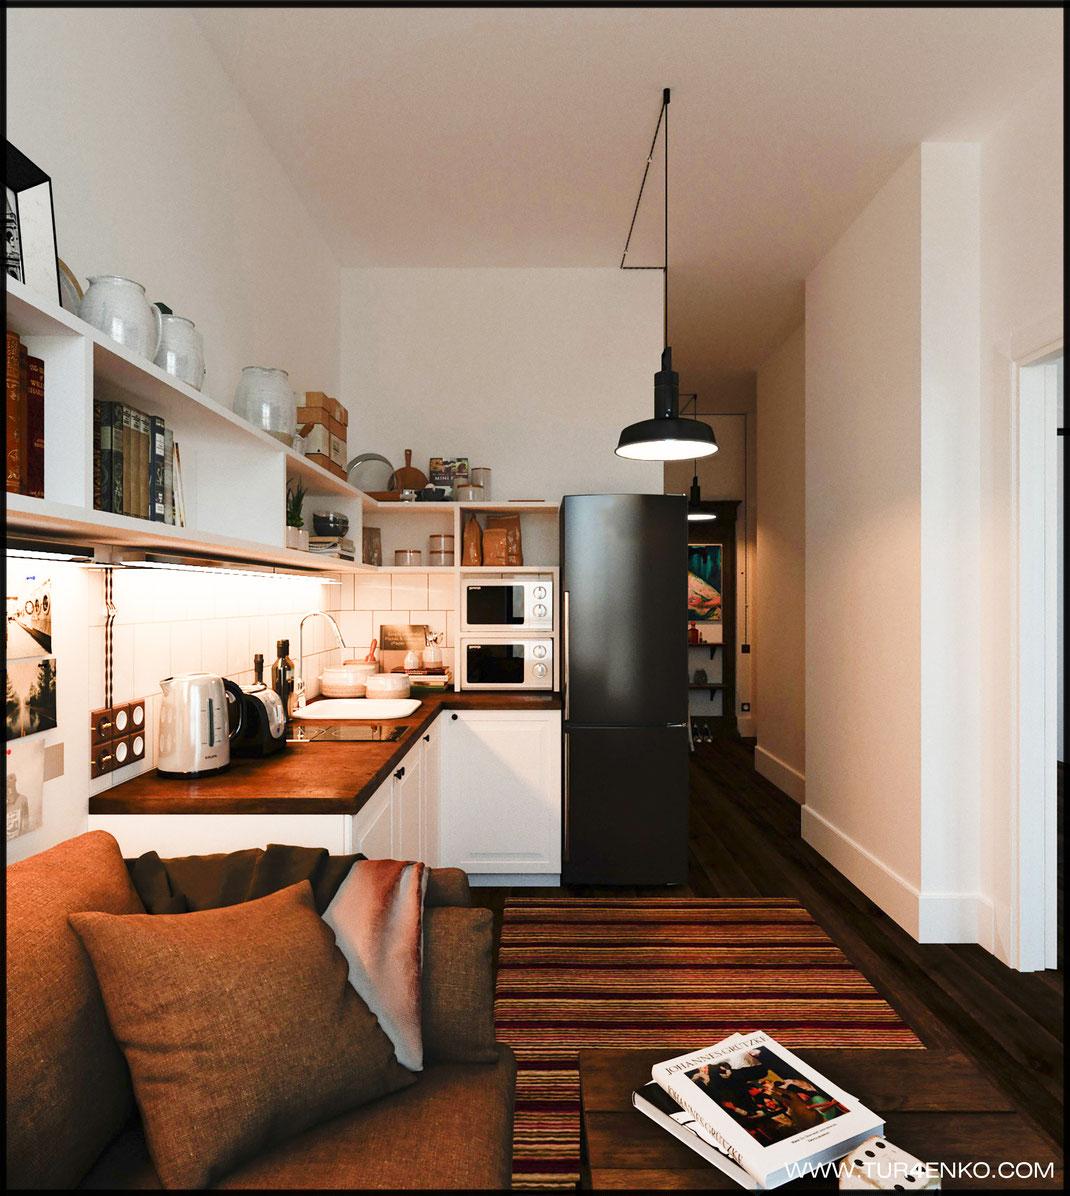 4 дизайн квартир Москва 89163172980 www.tur4enko.com